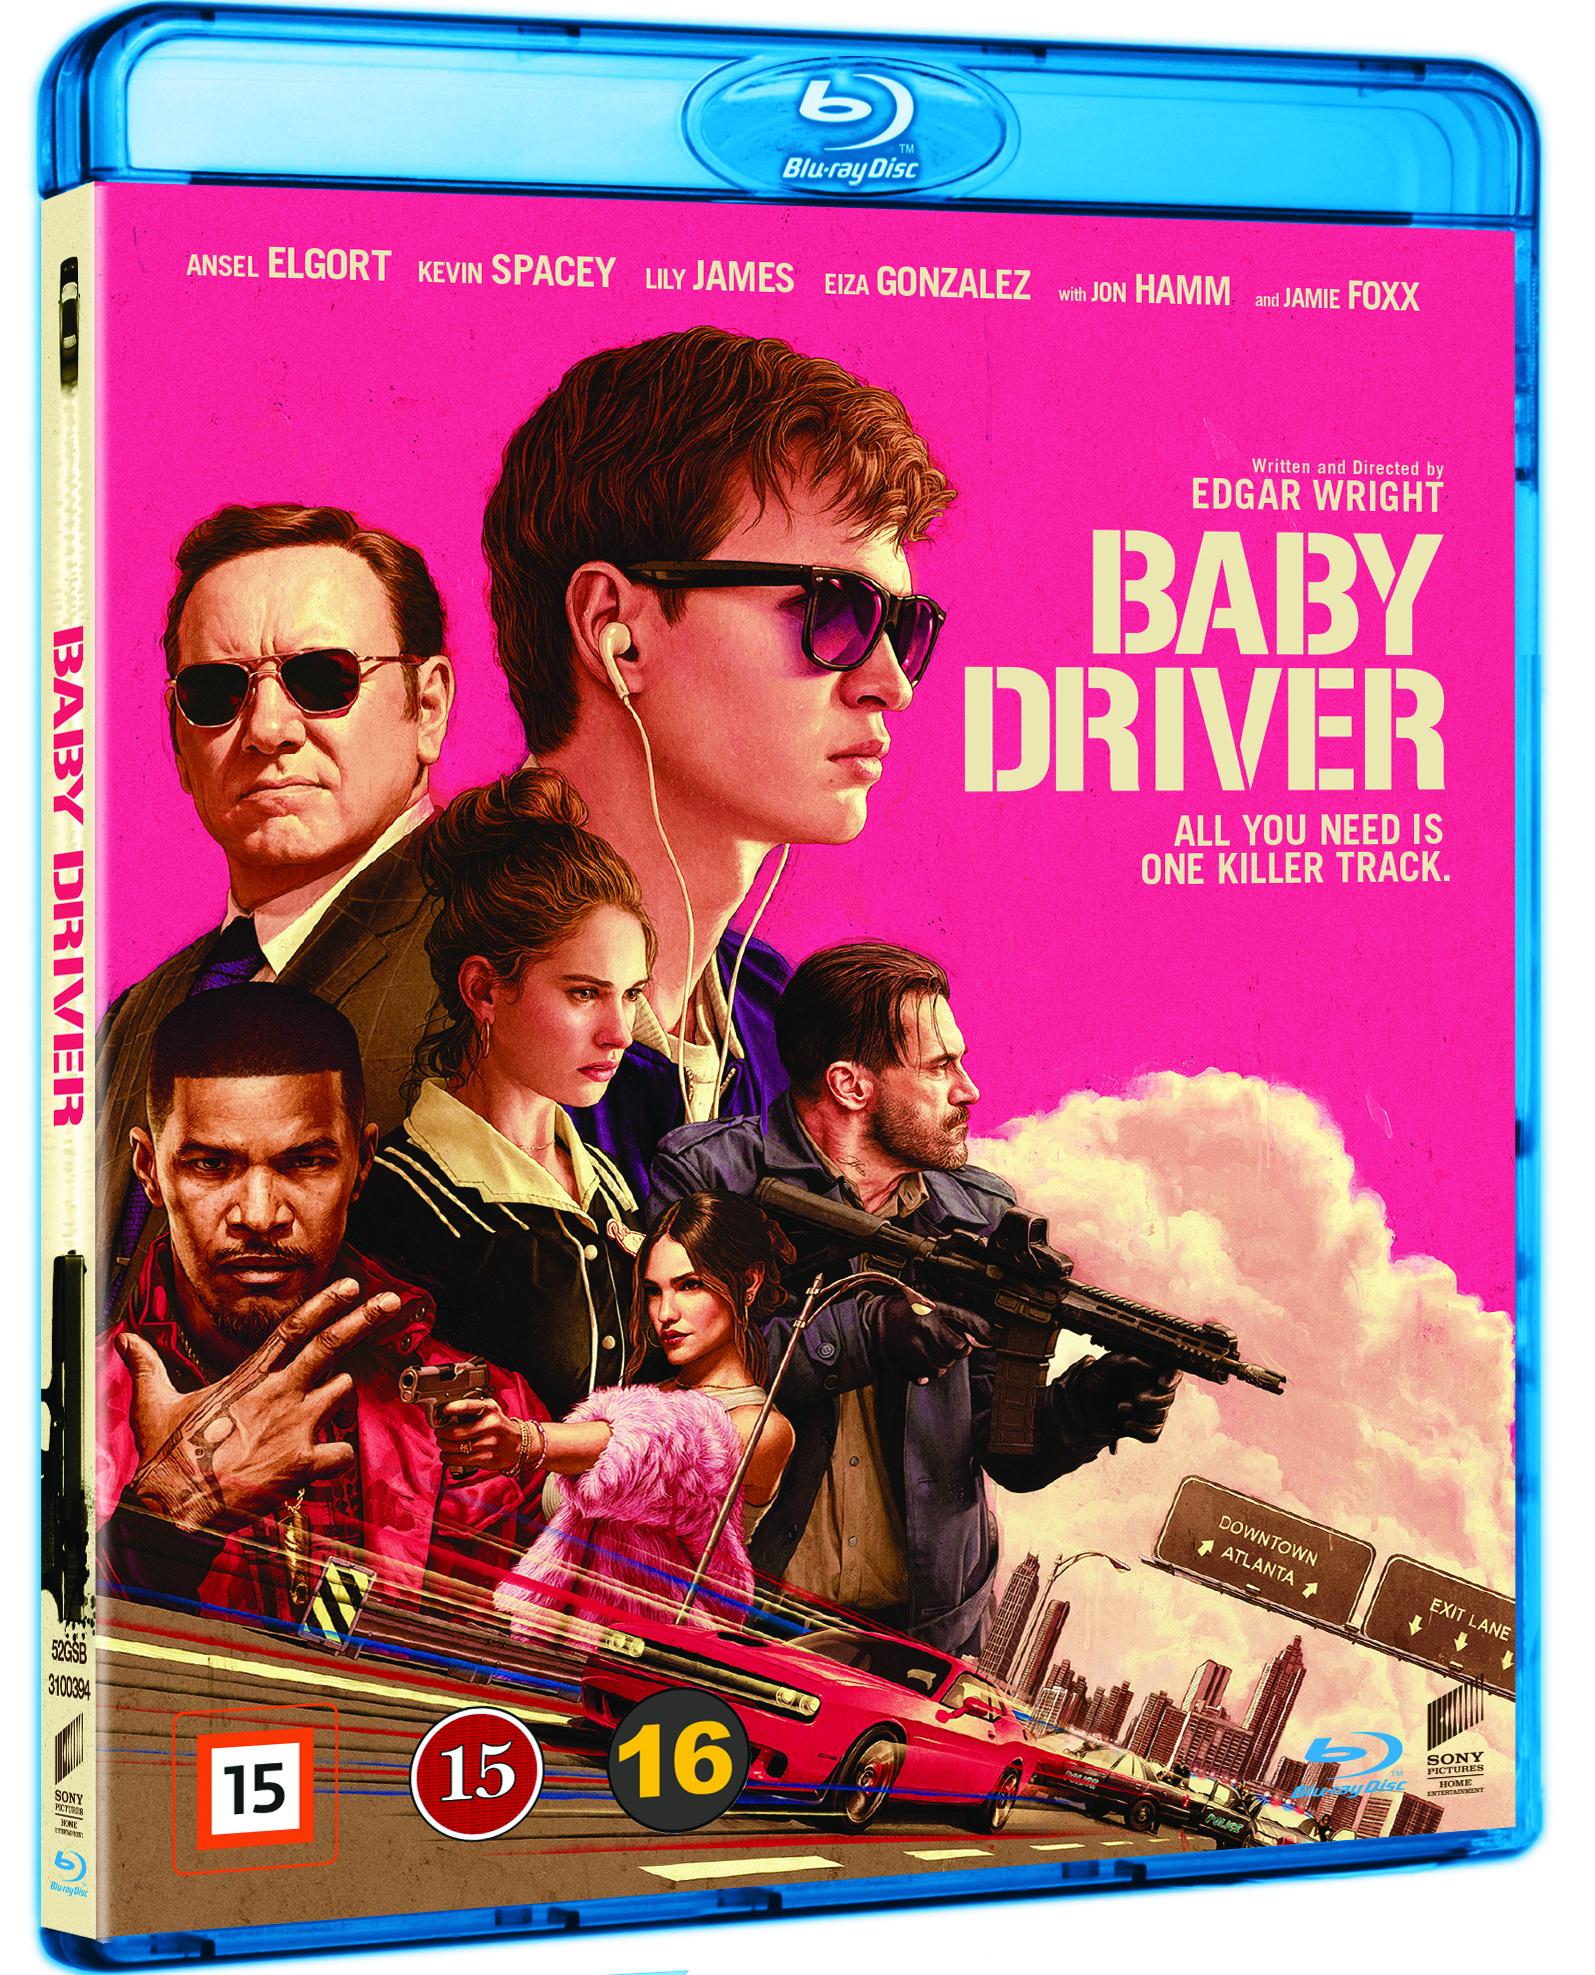 Baby Driver -  - Film - JV-SPHE - 7330031003941 - December 14, 2017